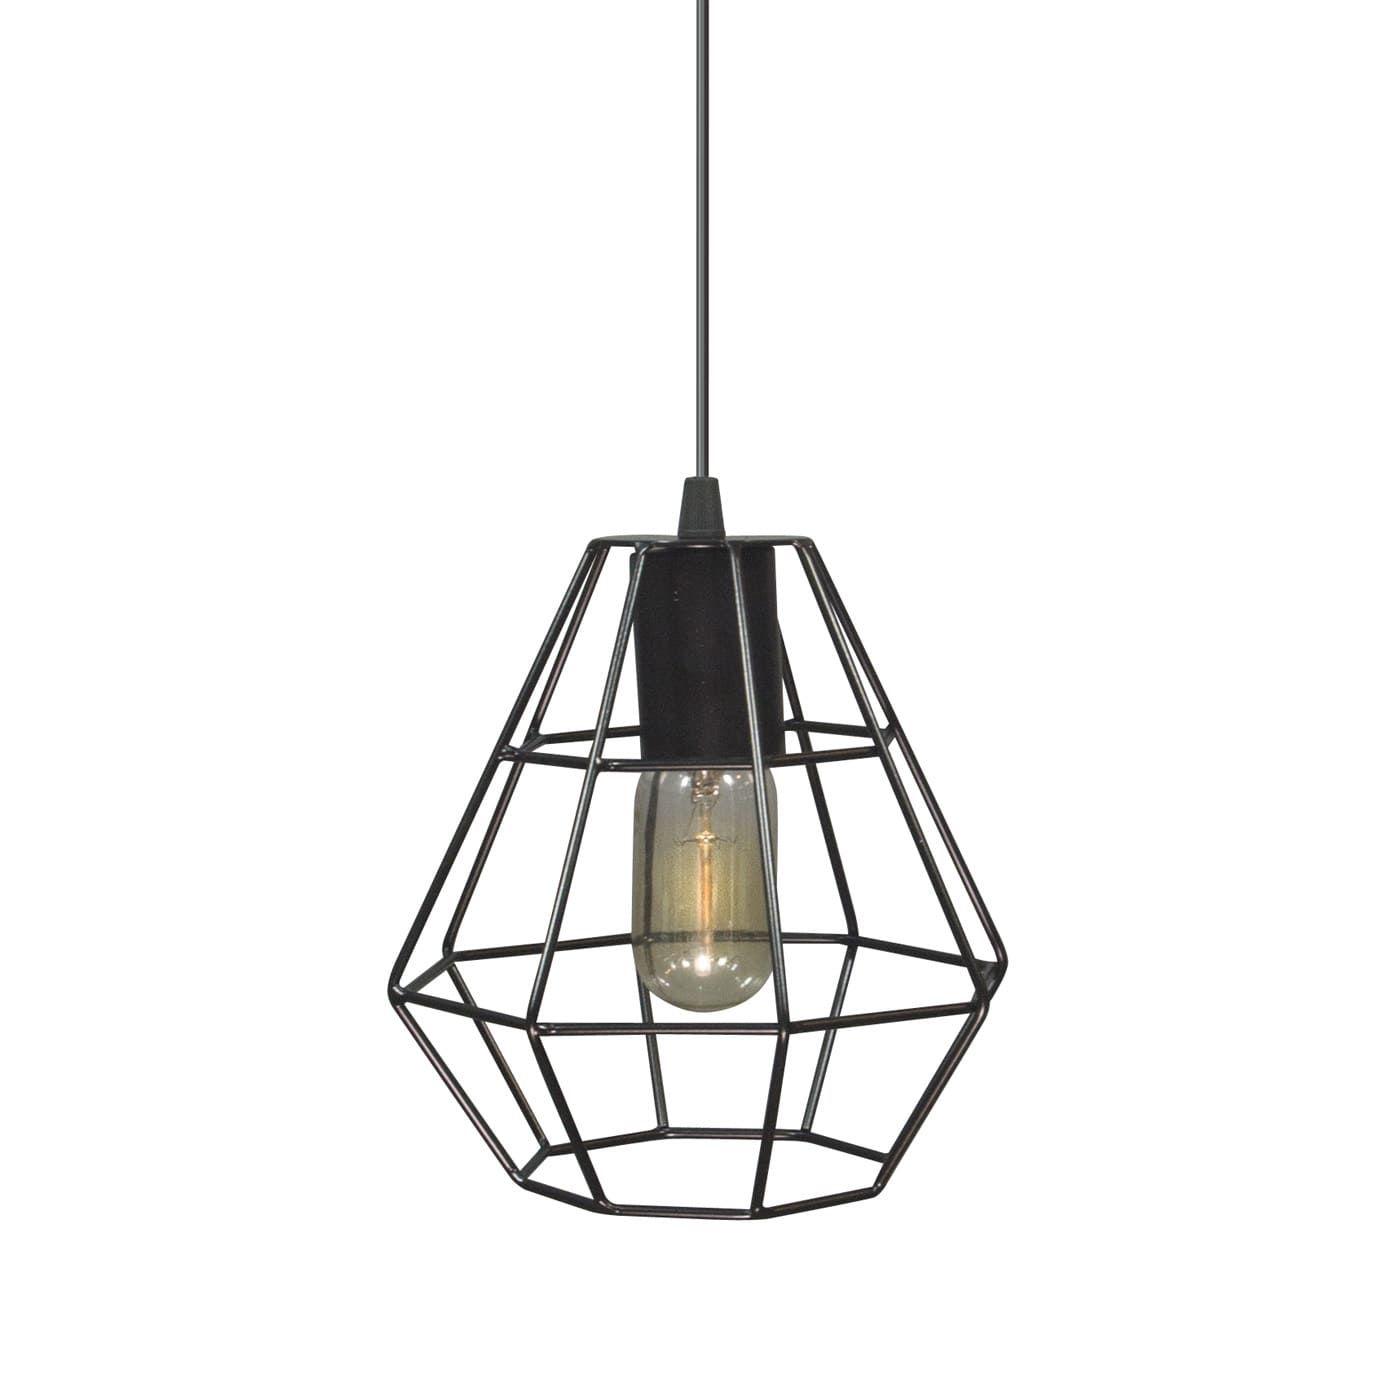 PETRASVET / Suspended chandelier S2382-1, 1xE27 max. 60W